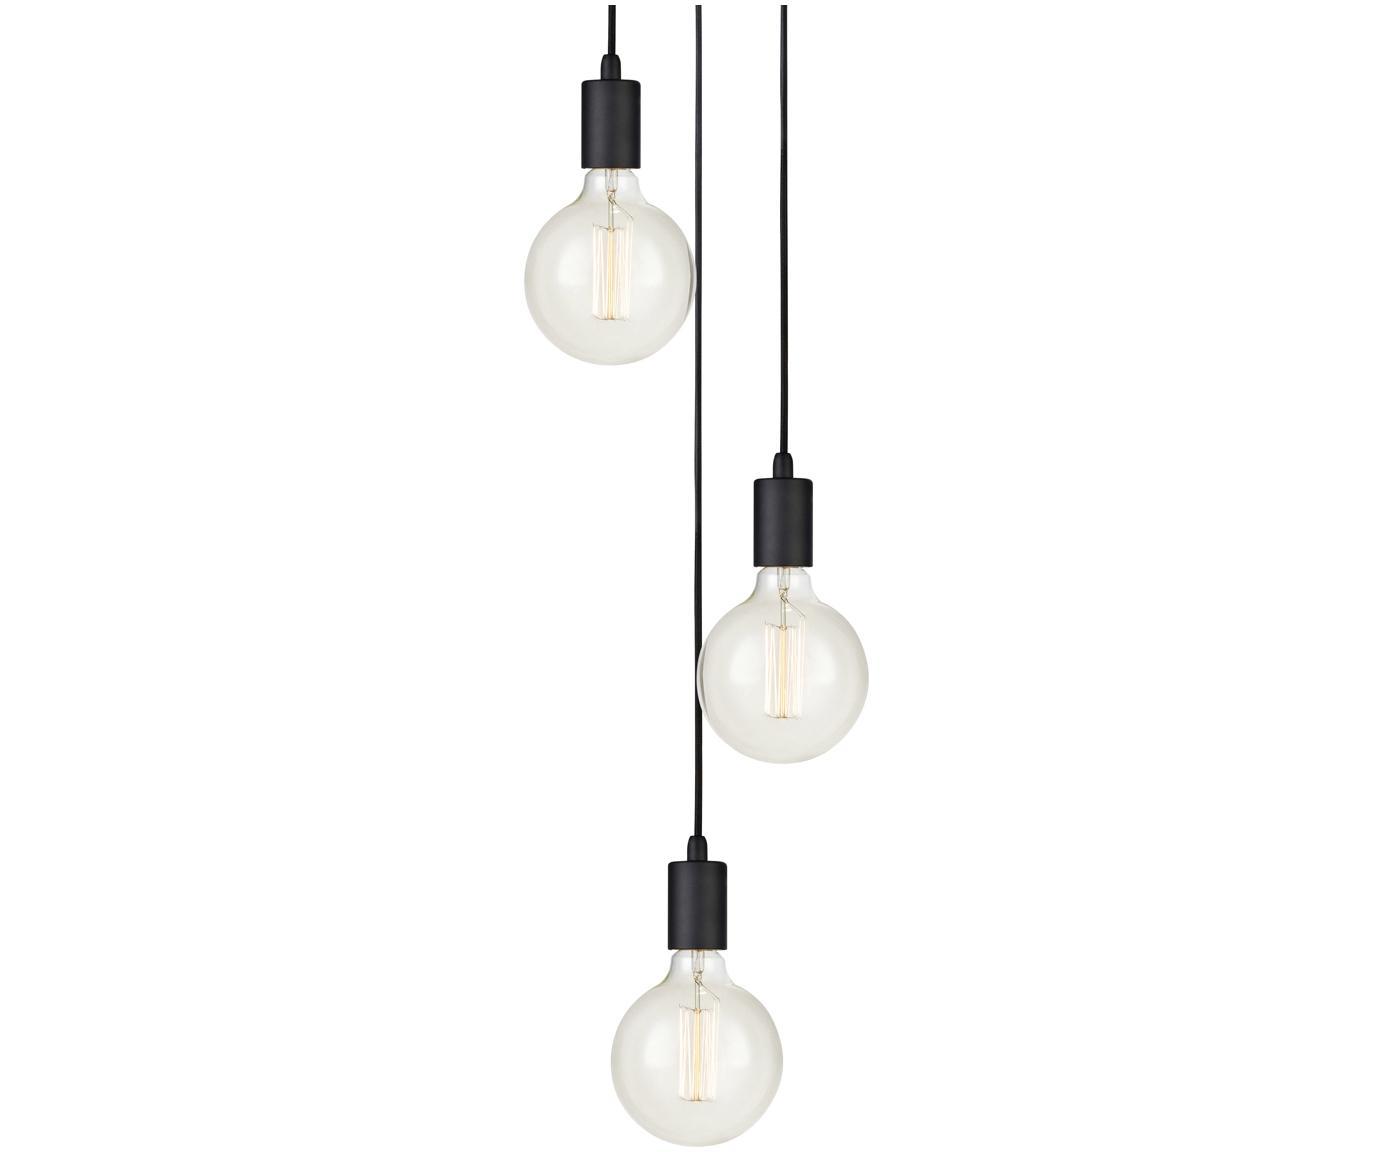 Lámpara de techo Sky, Cable: cubierto en tela, Negro, Ø 25 x Al 12 cm